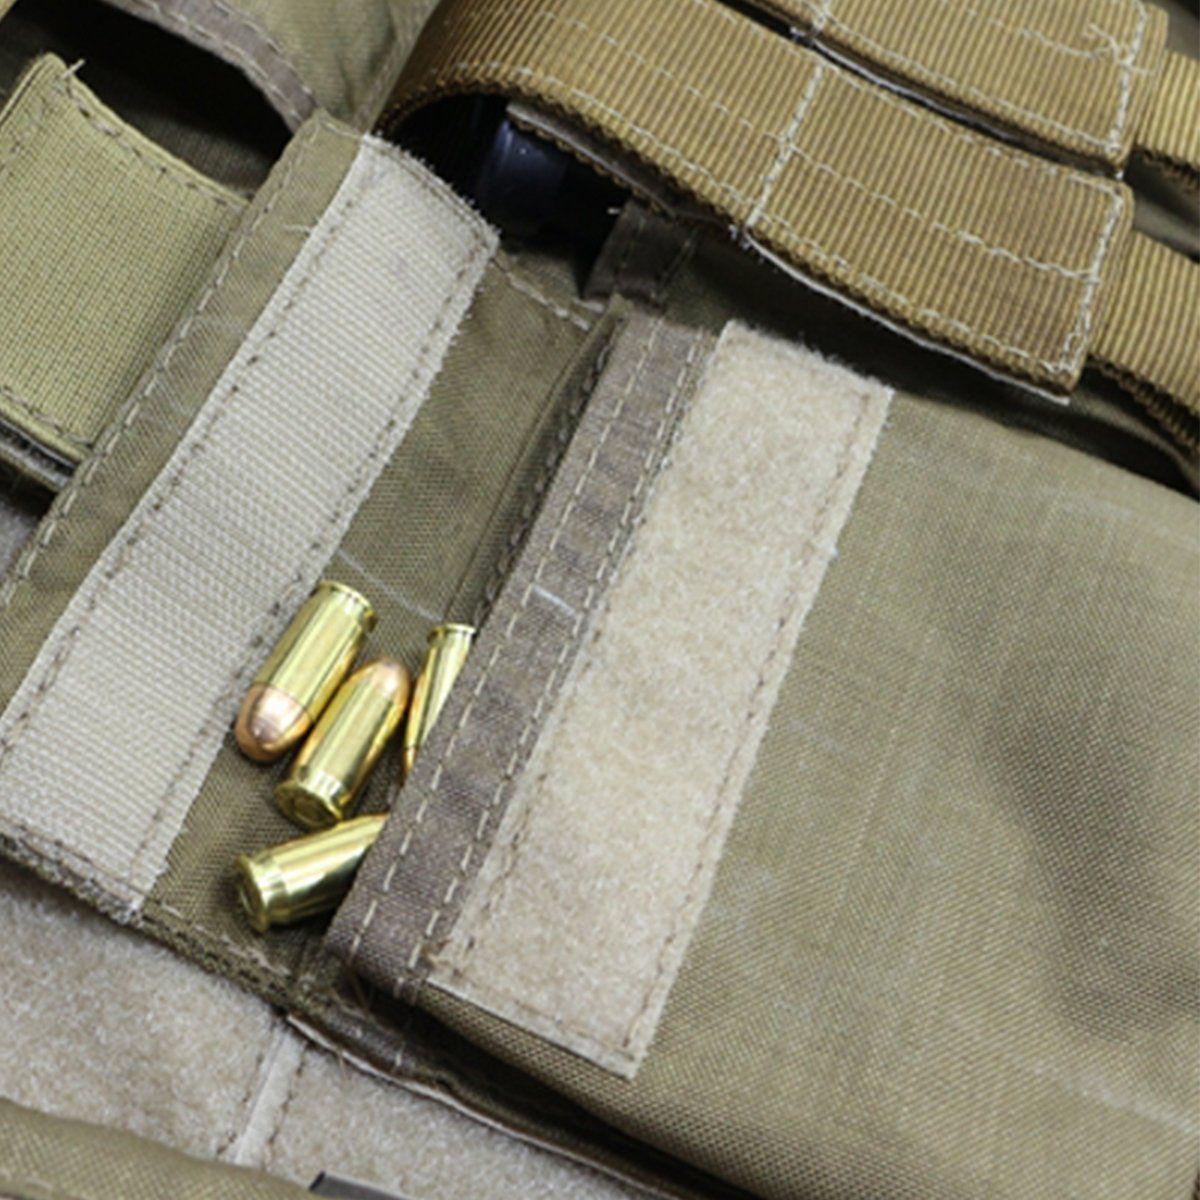 Case Tático Para Arma Curta em Cordura Dacs